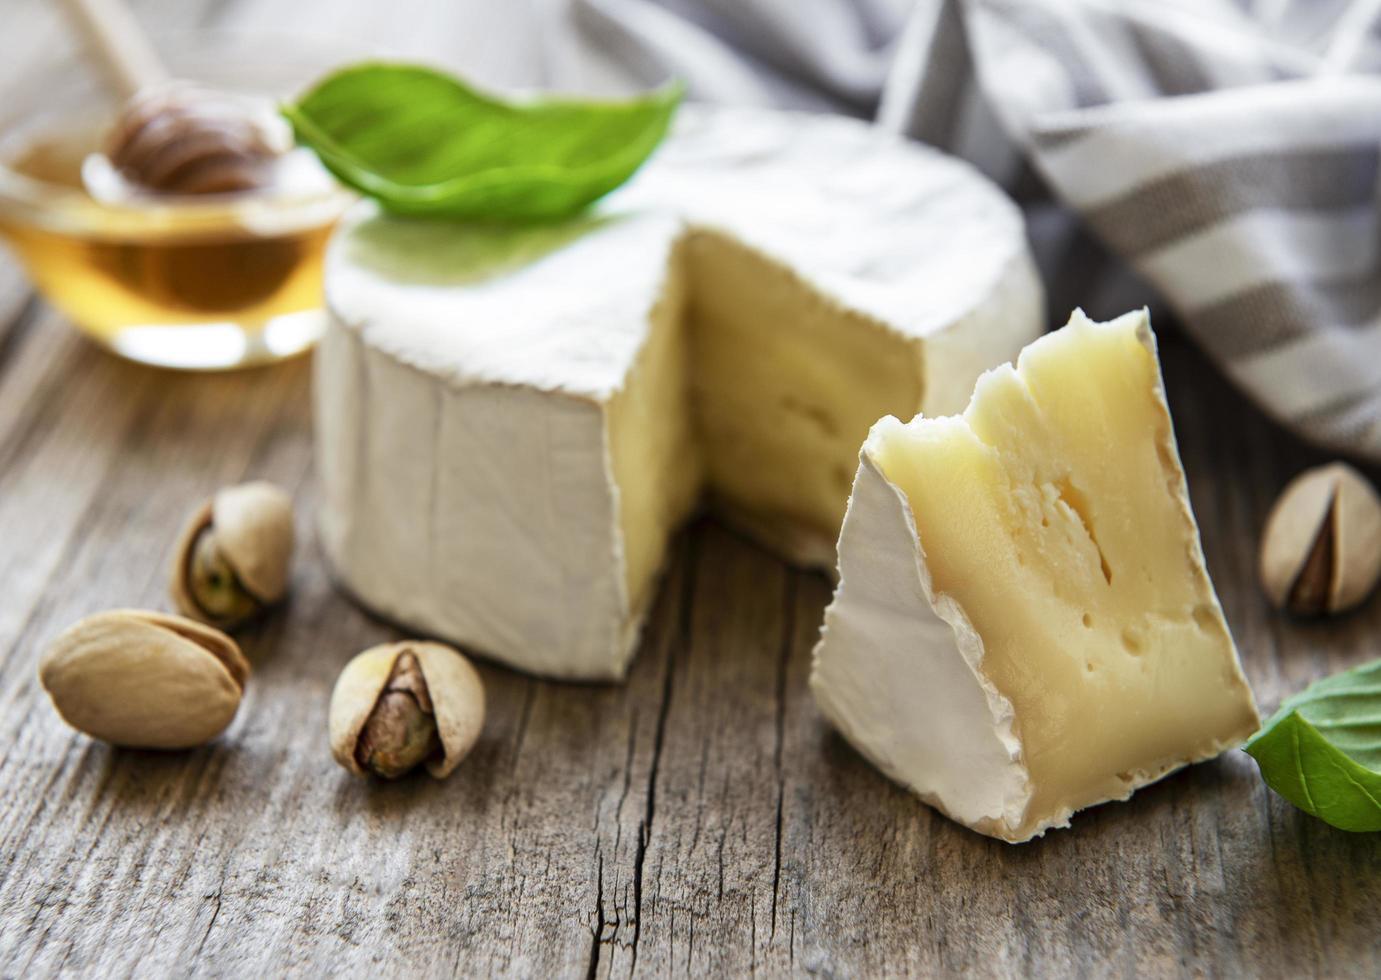 formaggio camembert con snack foto